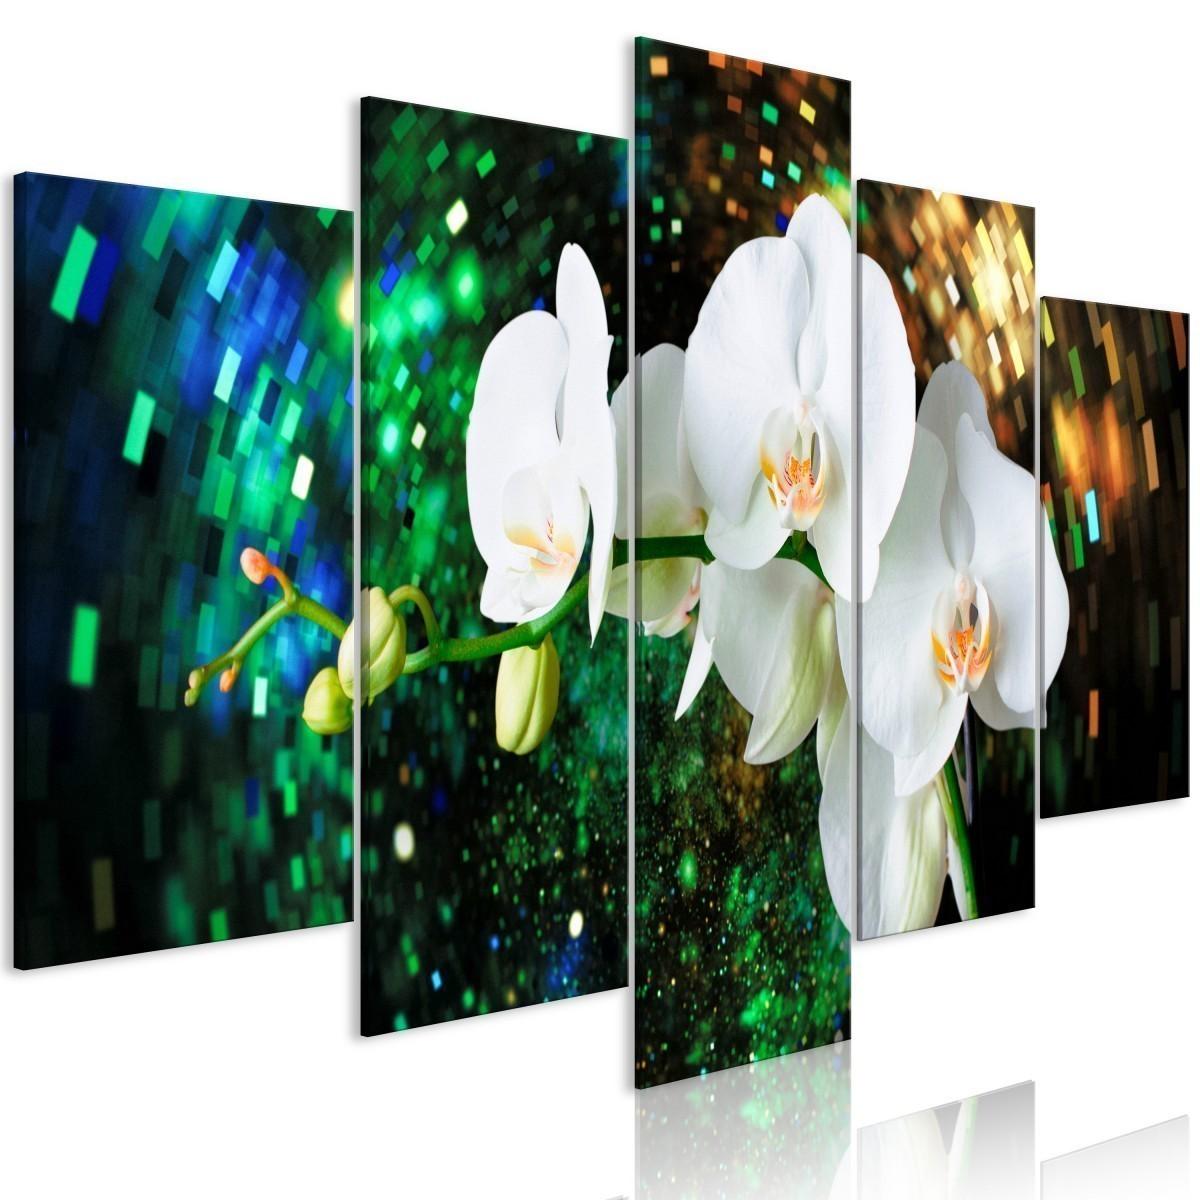 Obraz Szalone Orchidee 5 Częściowy Szeroki